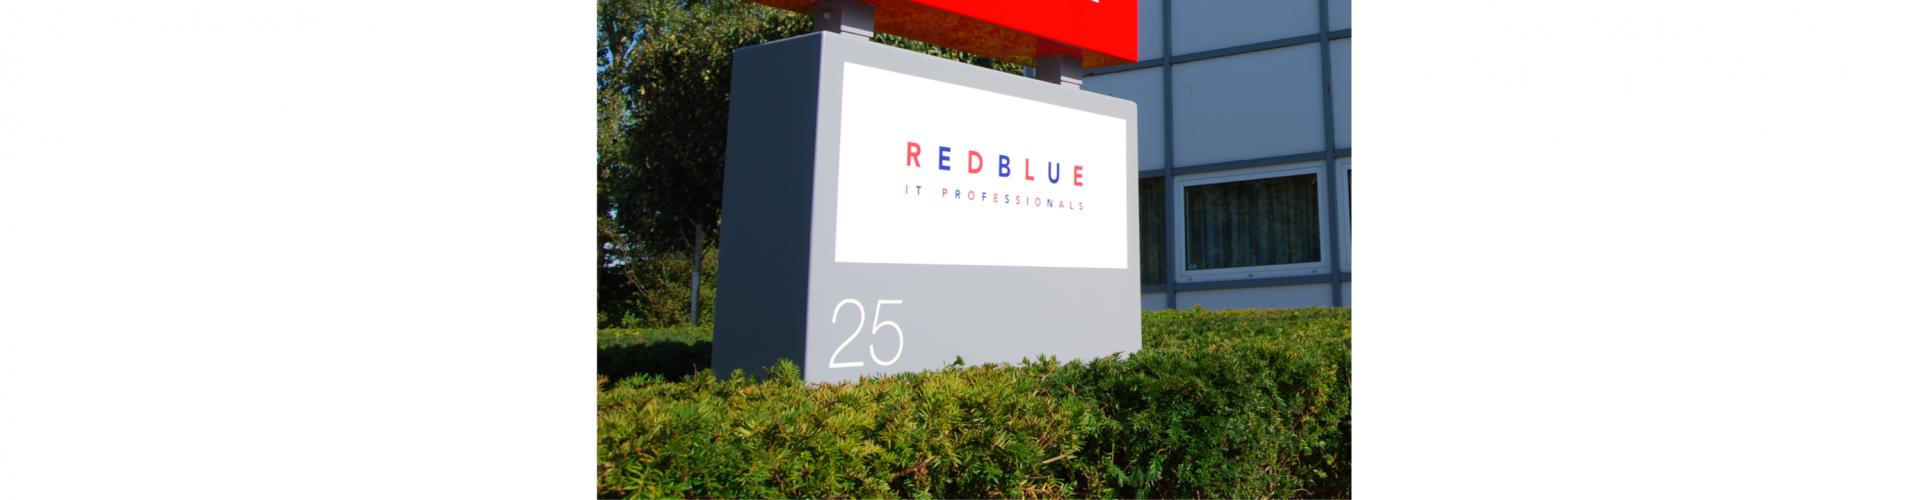 Welkom bij RedBlue - MidLance - Contact